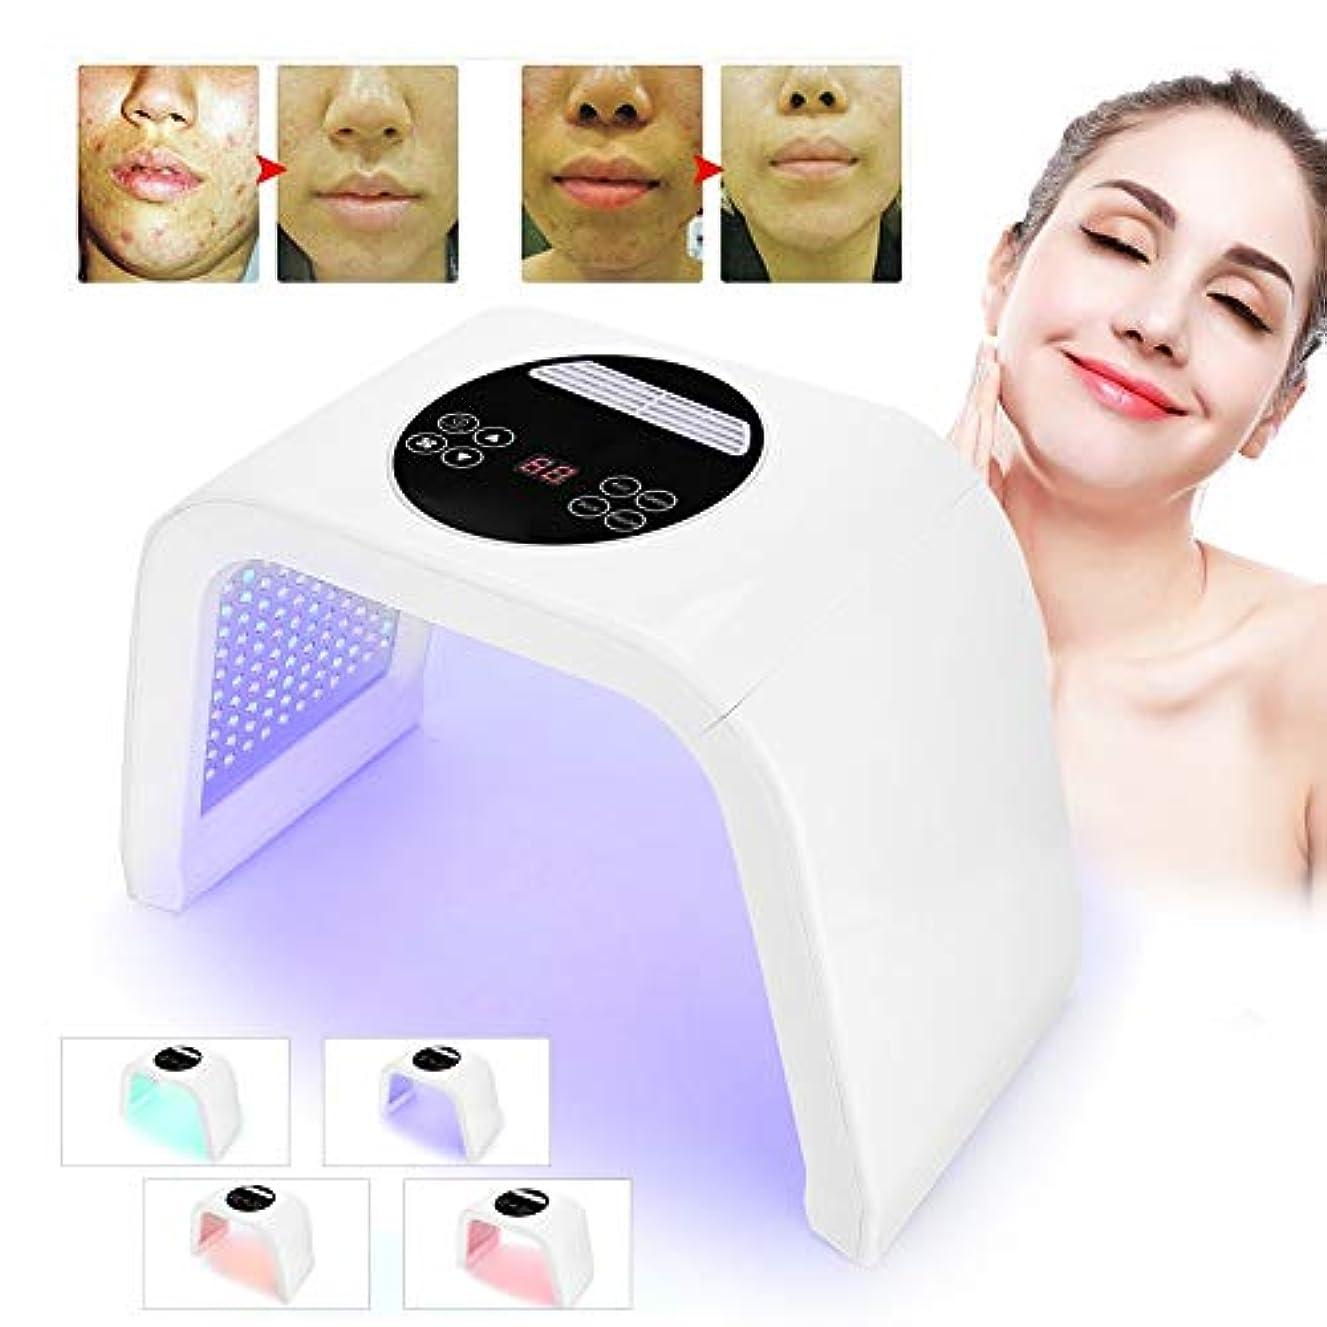 愚かなかき混ぜるクリークスキンケア装置の美の光線力学的なランプ、4色は保護療法のマスクが付いている軽い療法の顔のスキンケア機械、アクネの減少/皮の若返りのためのPDTの技術を導きました(100-240V)